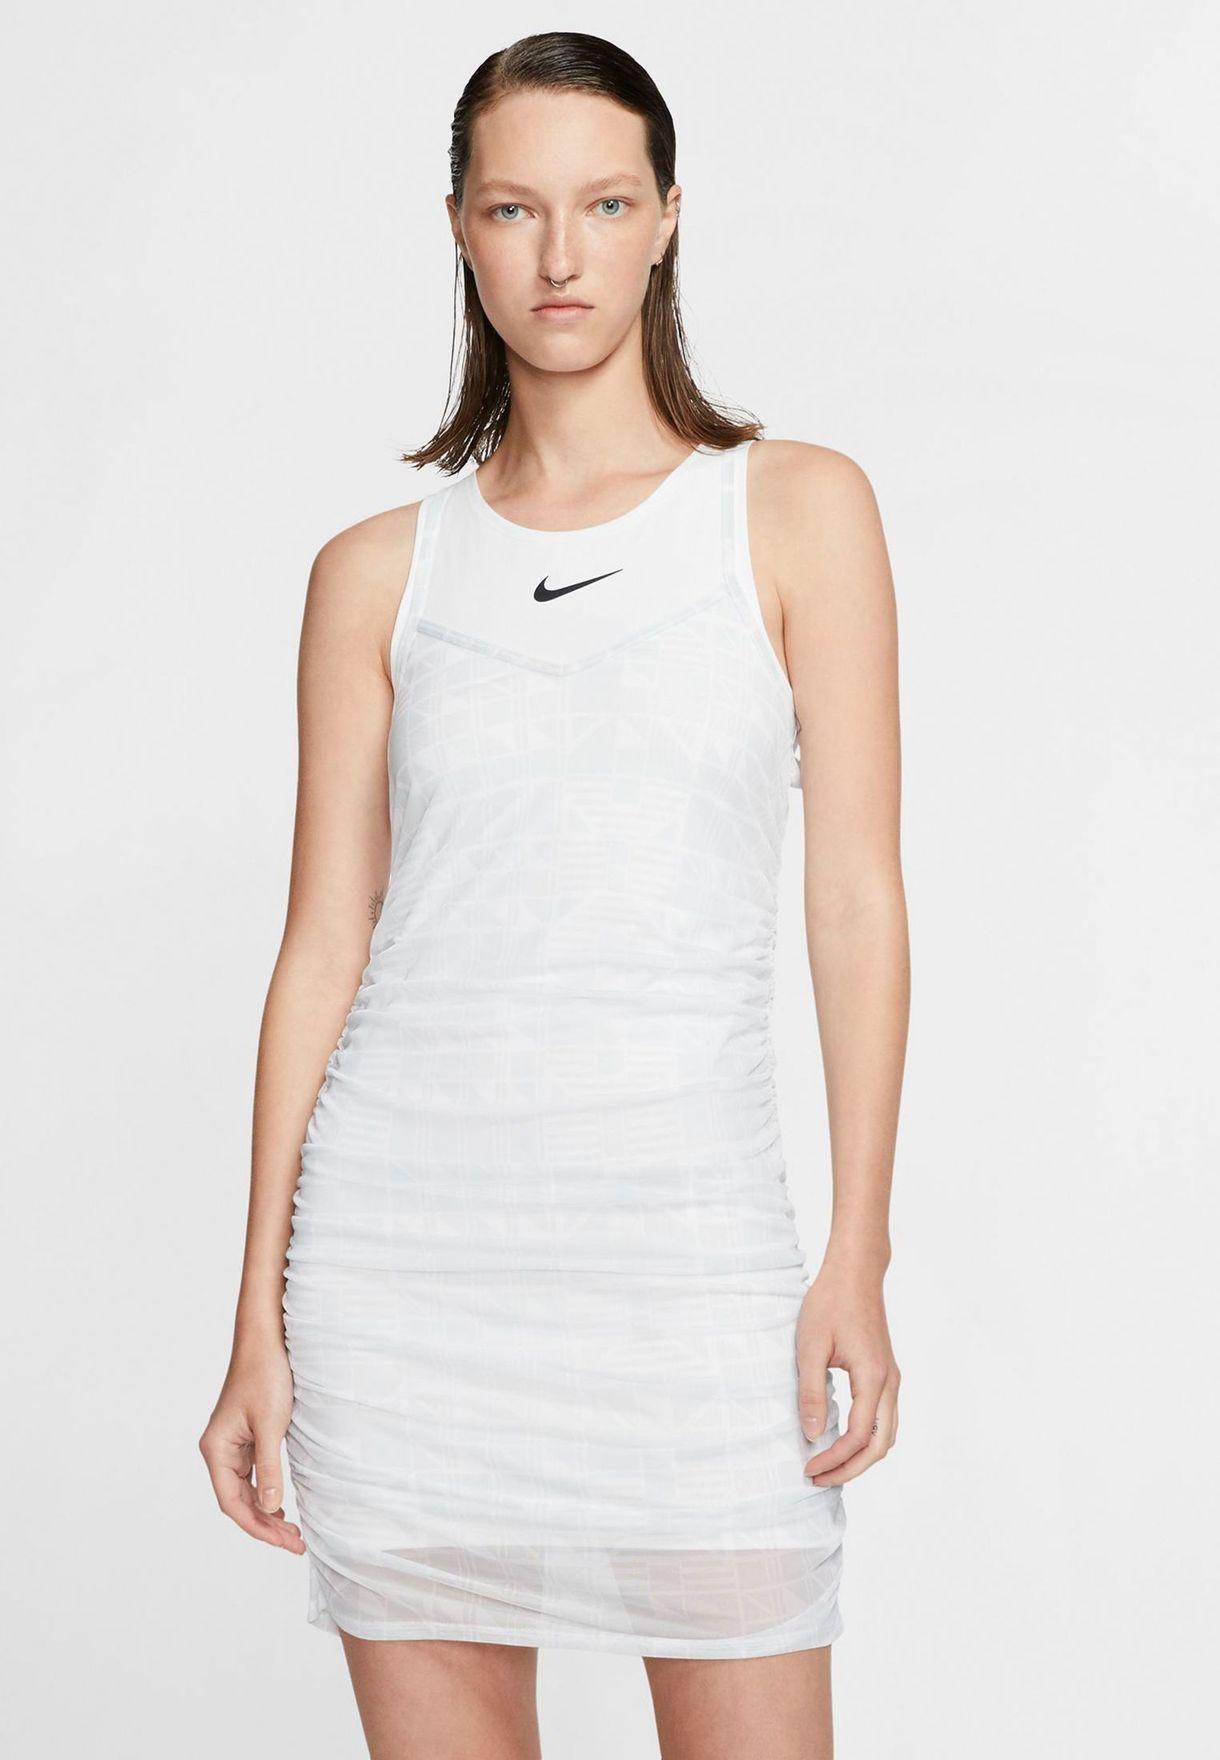 buy \u003e nike dress, Up to 70% OFF